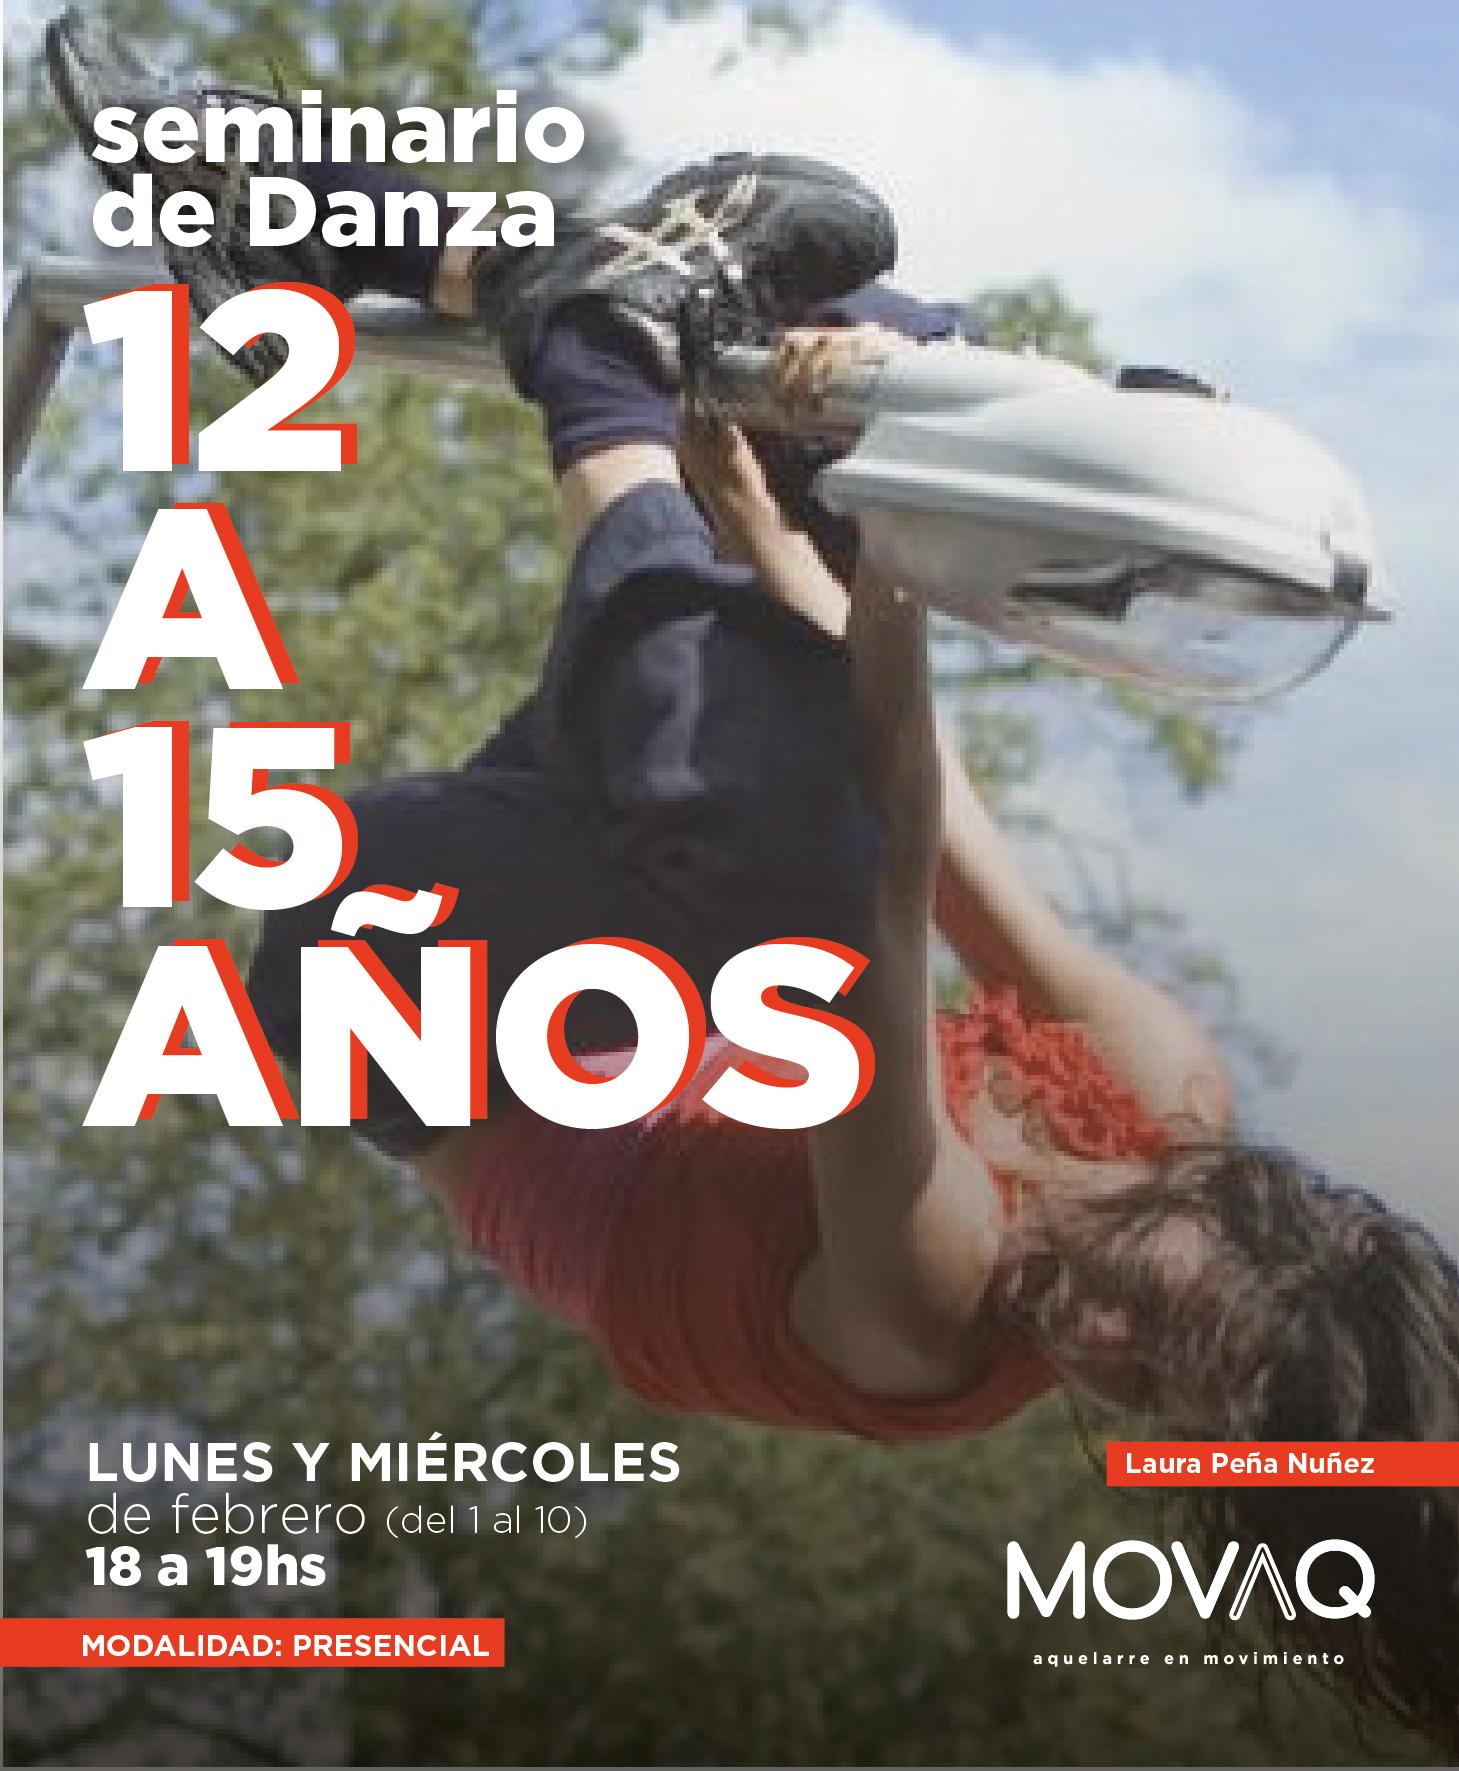 Seminario de Danza 12 a 15 años - Laura